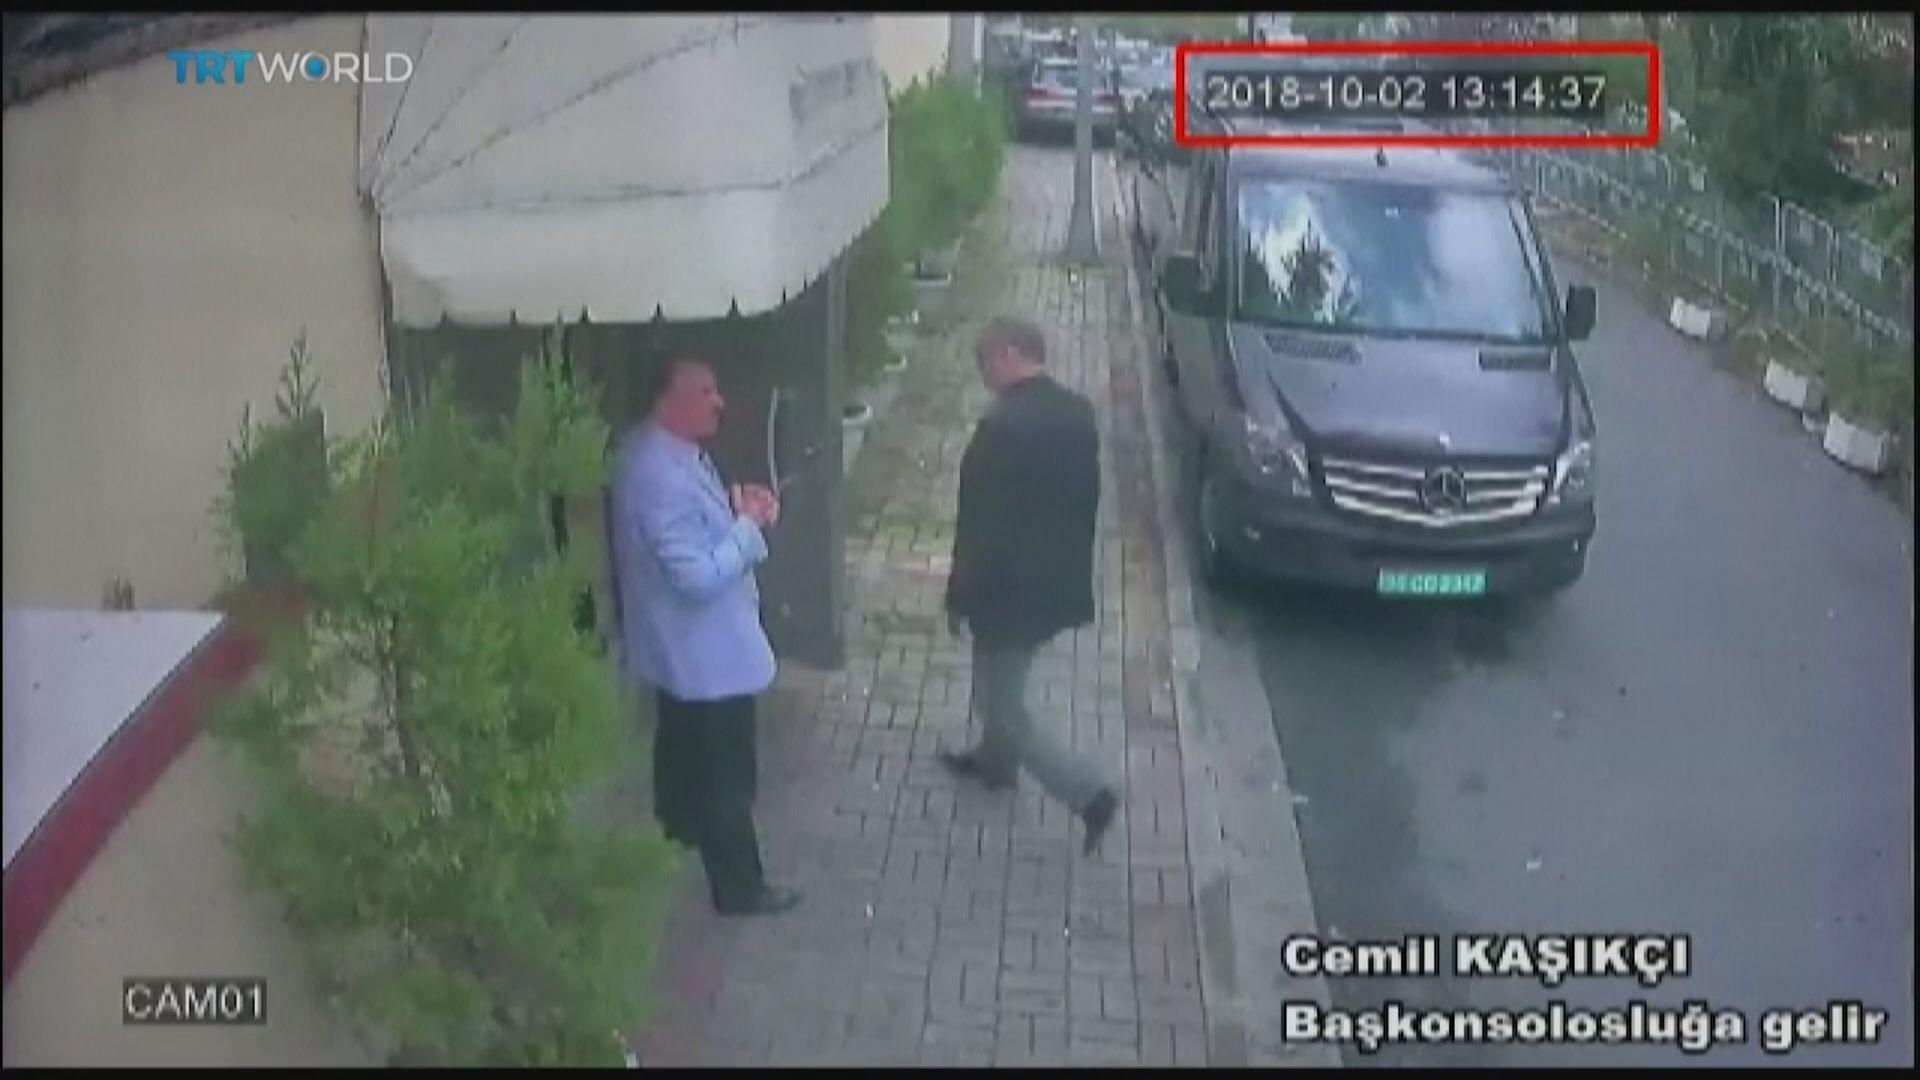 傳土耳其警方找到卡舒吉遇害證據